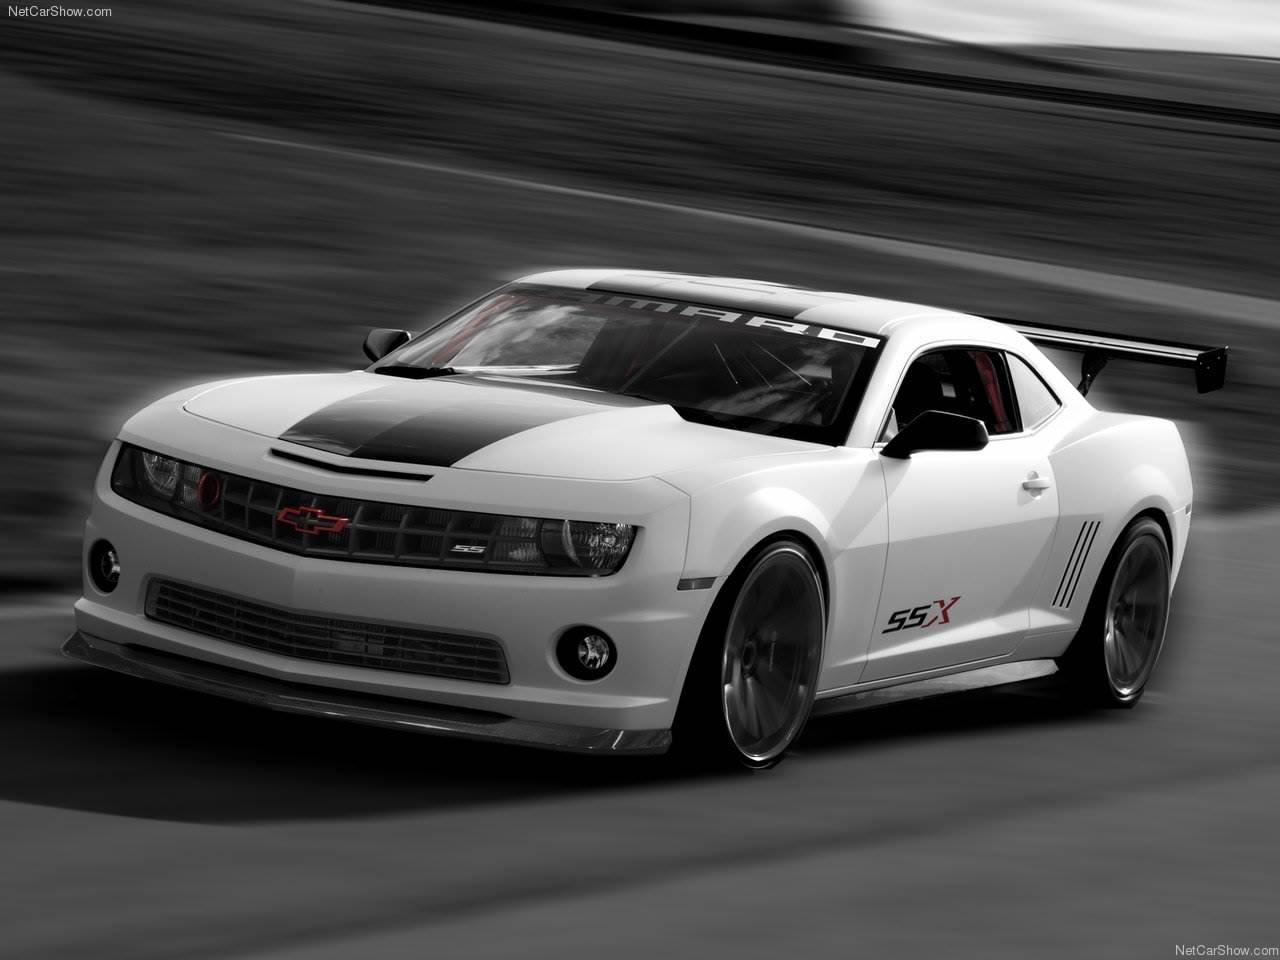 http://1.bp.blogspot.com/_H1gBps8JpiY/TPyx1YJ5ZvI/AAAAAAAAMFo/7zmqXfufF9o/s1600/Chevrolet-Camaro_SSX_Concept_2010_1280x960_wallpaper_02.jpg